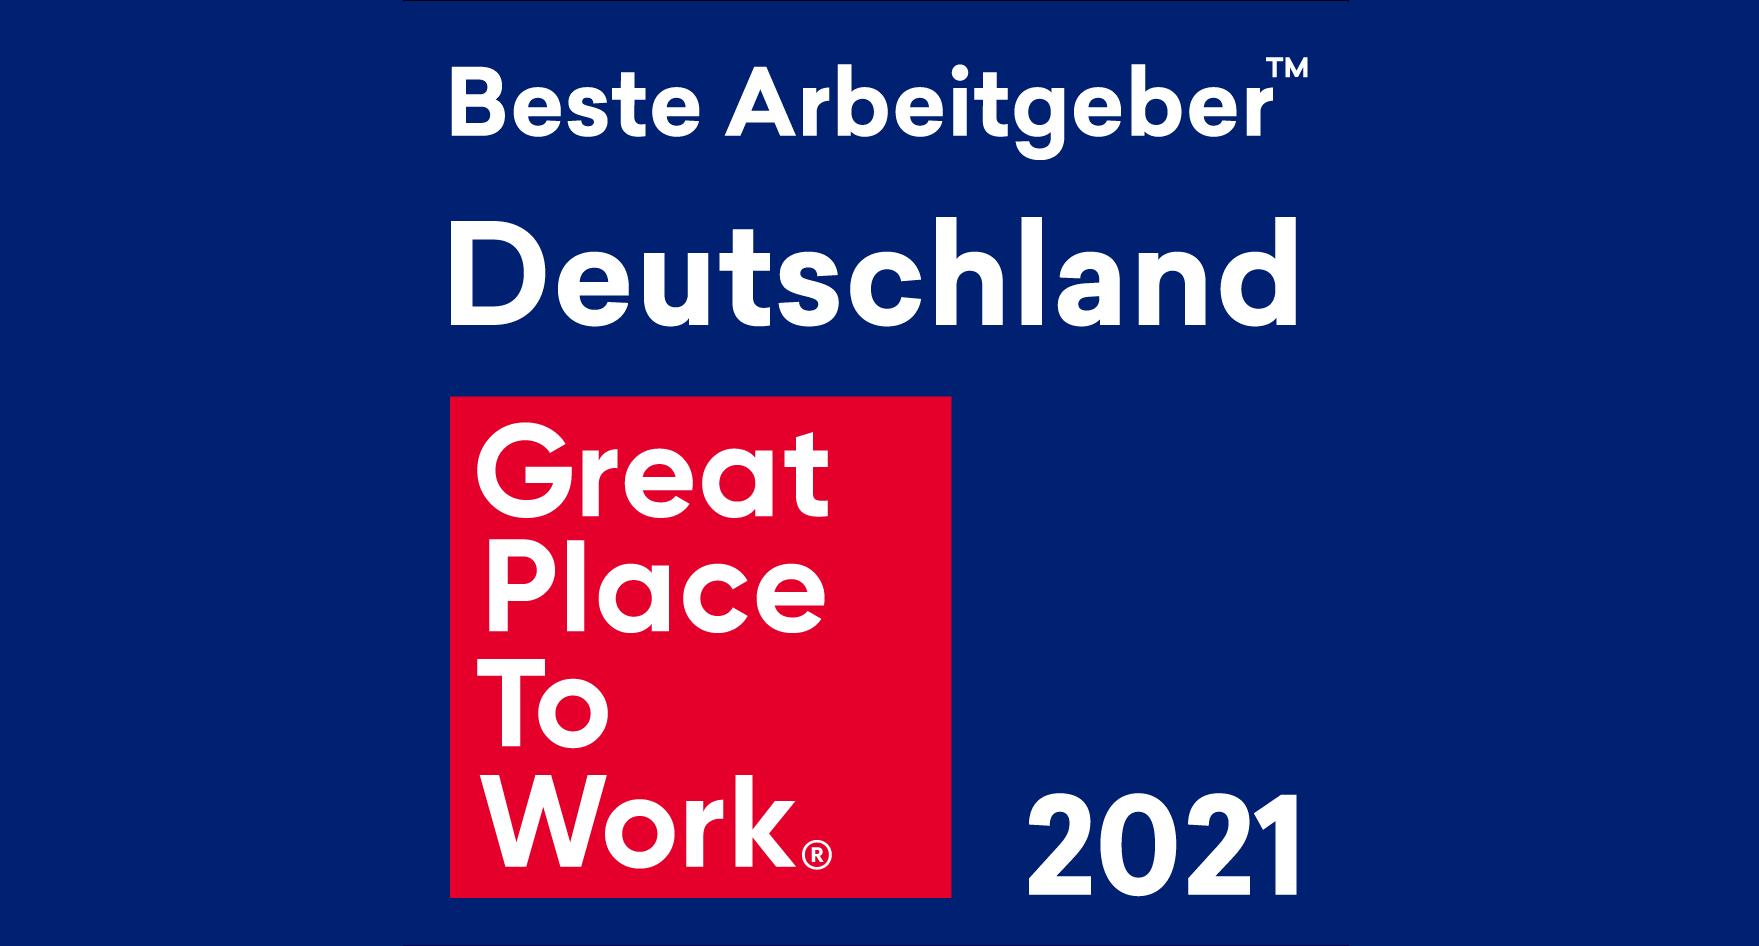 designfunktion-bester-arbetigeber-great-place-to-work-2021-lang